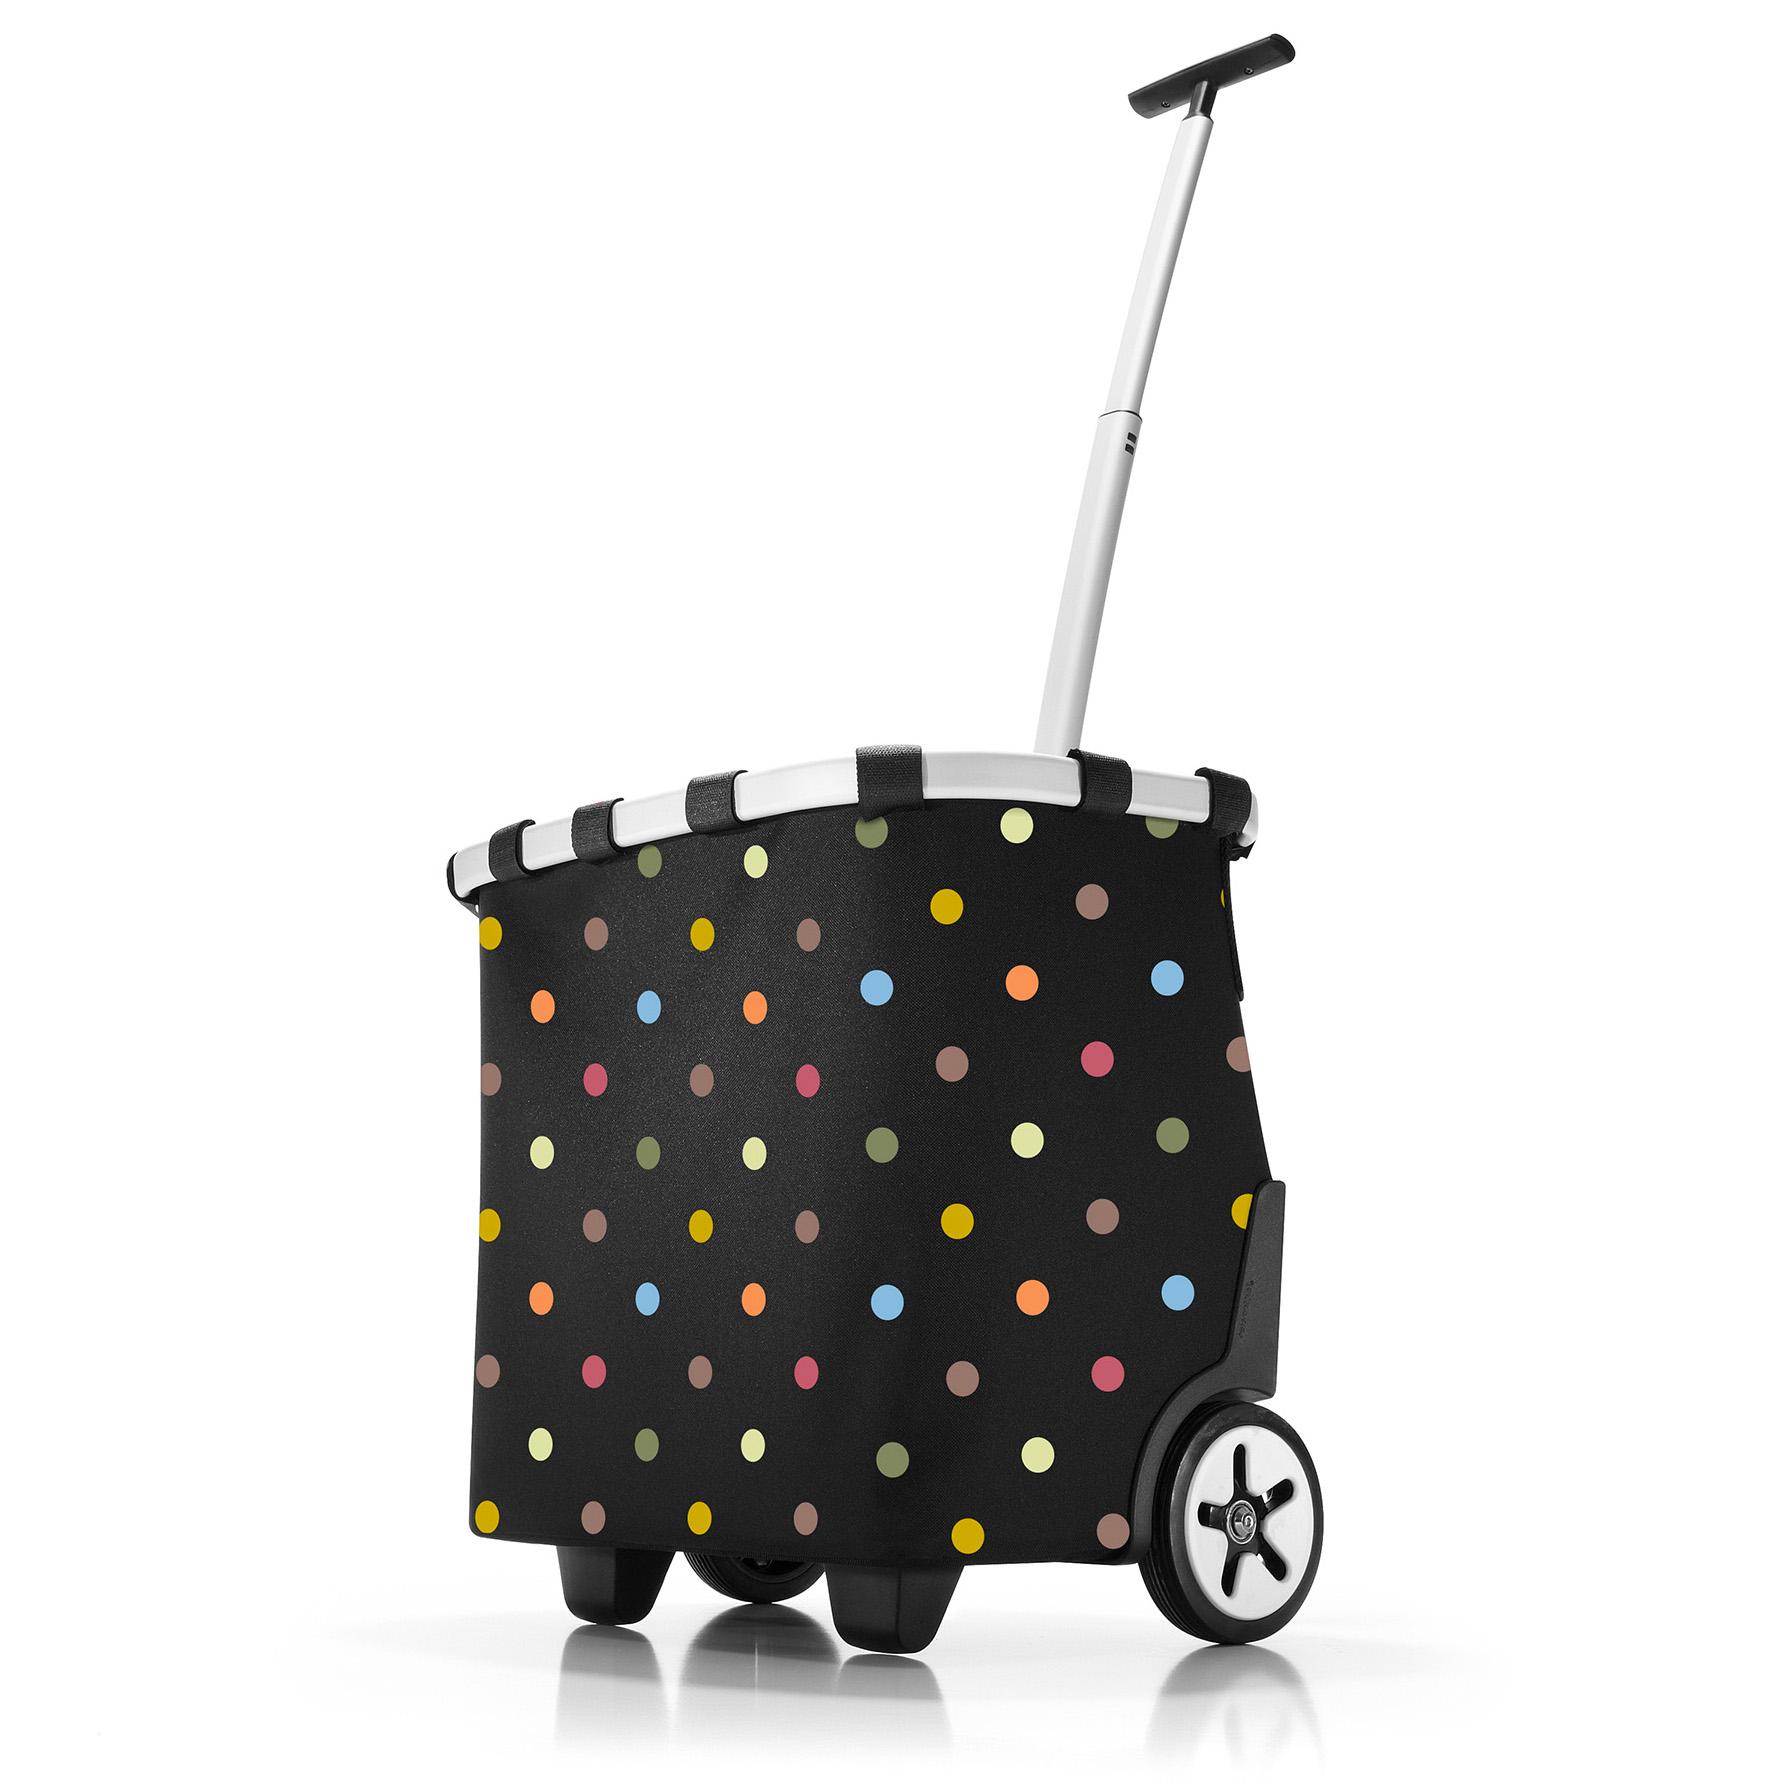 reisenthel carrycruiser einkaufsroller trolley. Black Bedroom Furniture Sets. Home Design Ideas